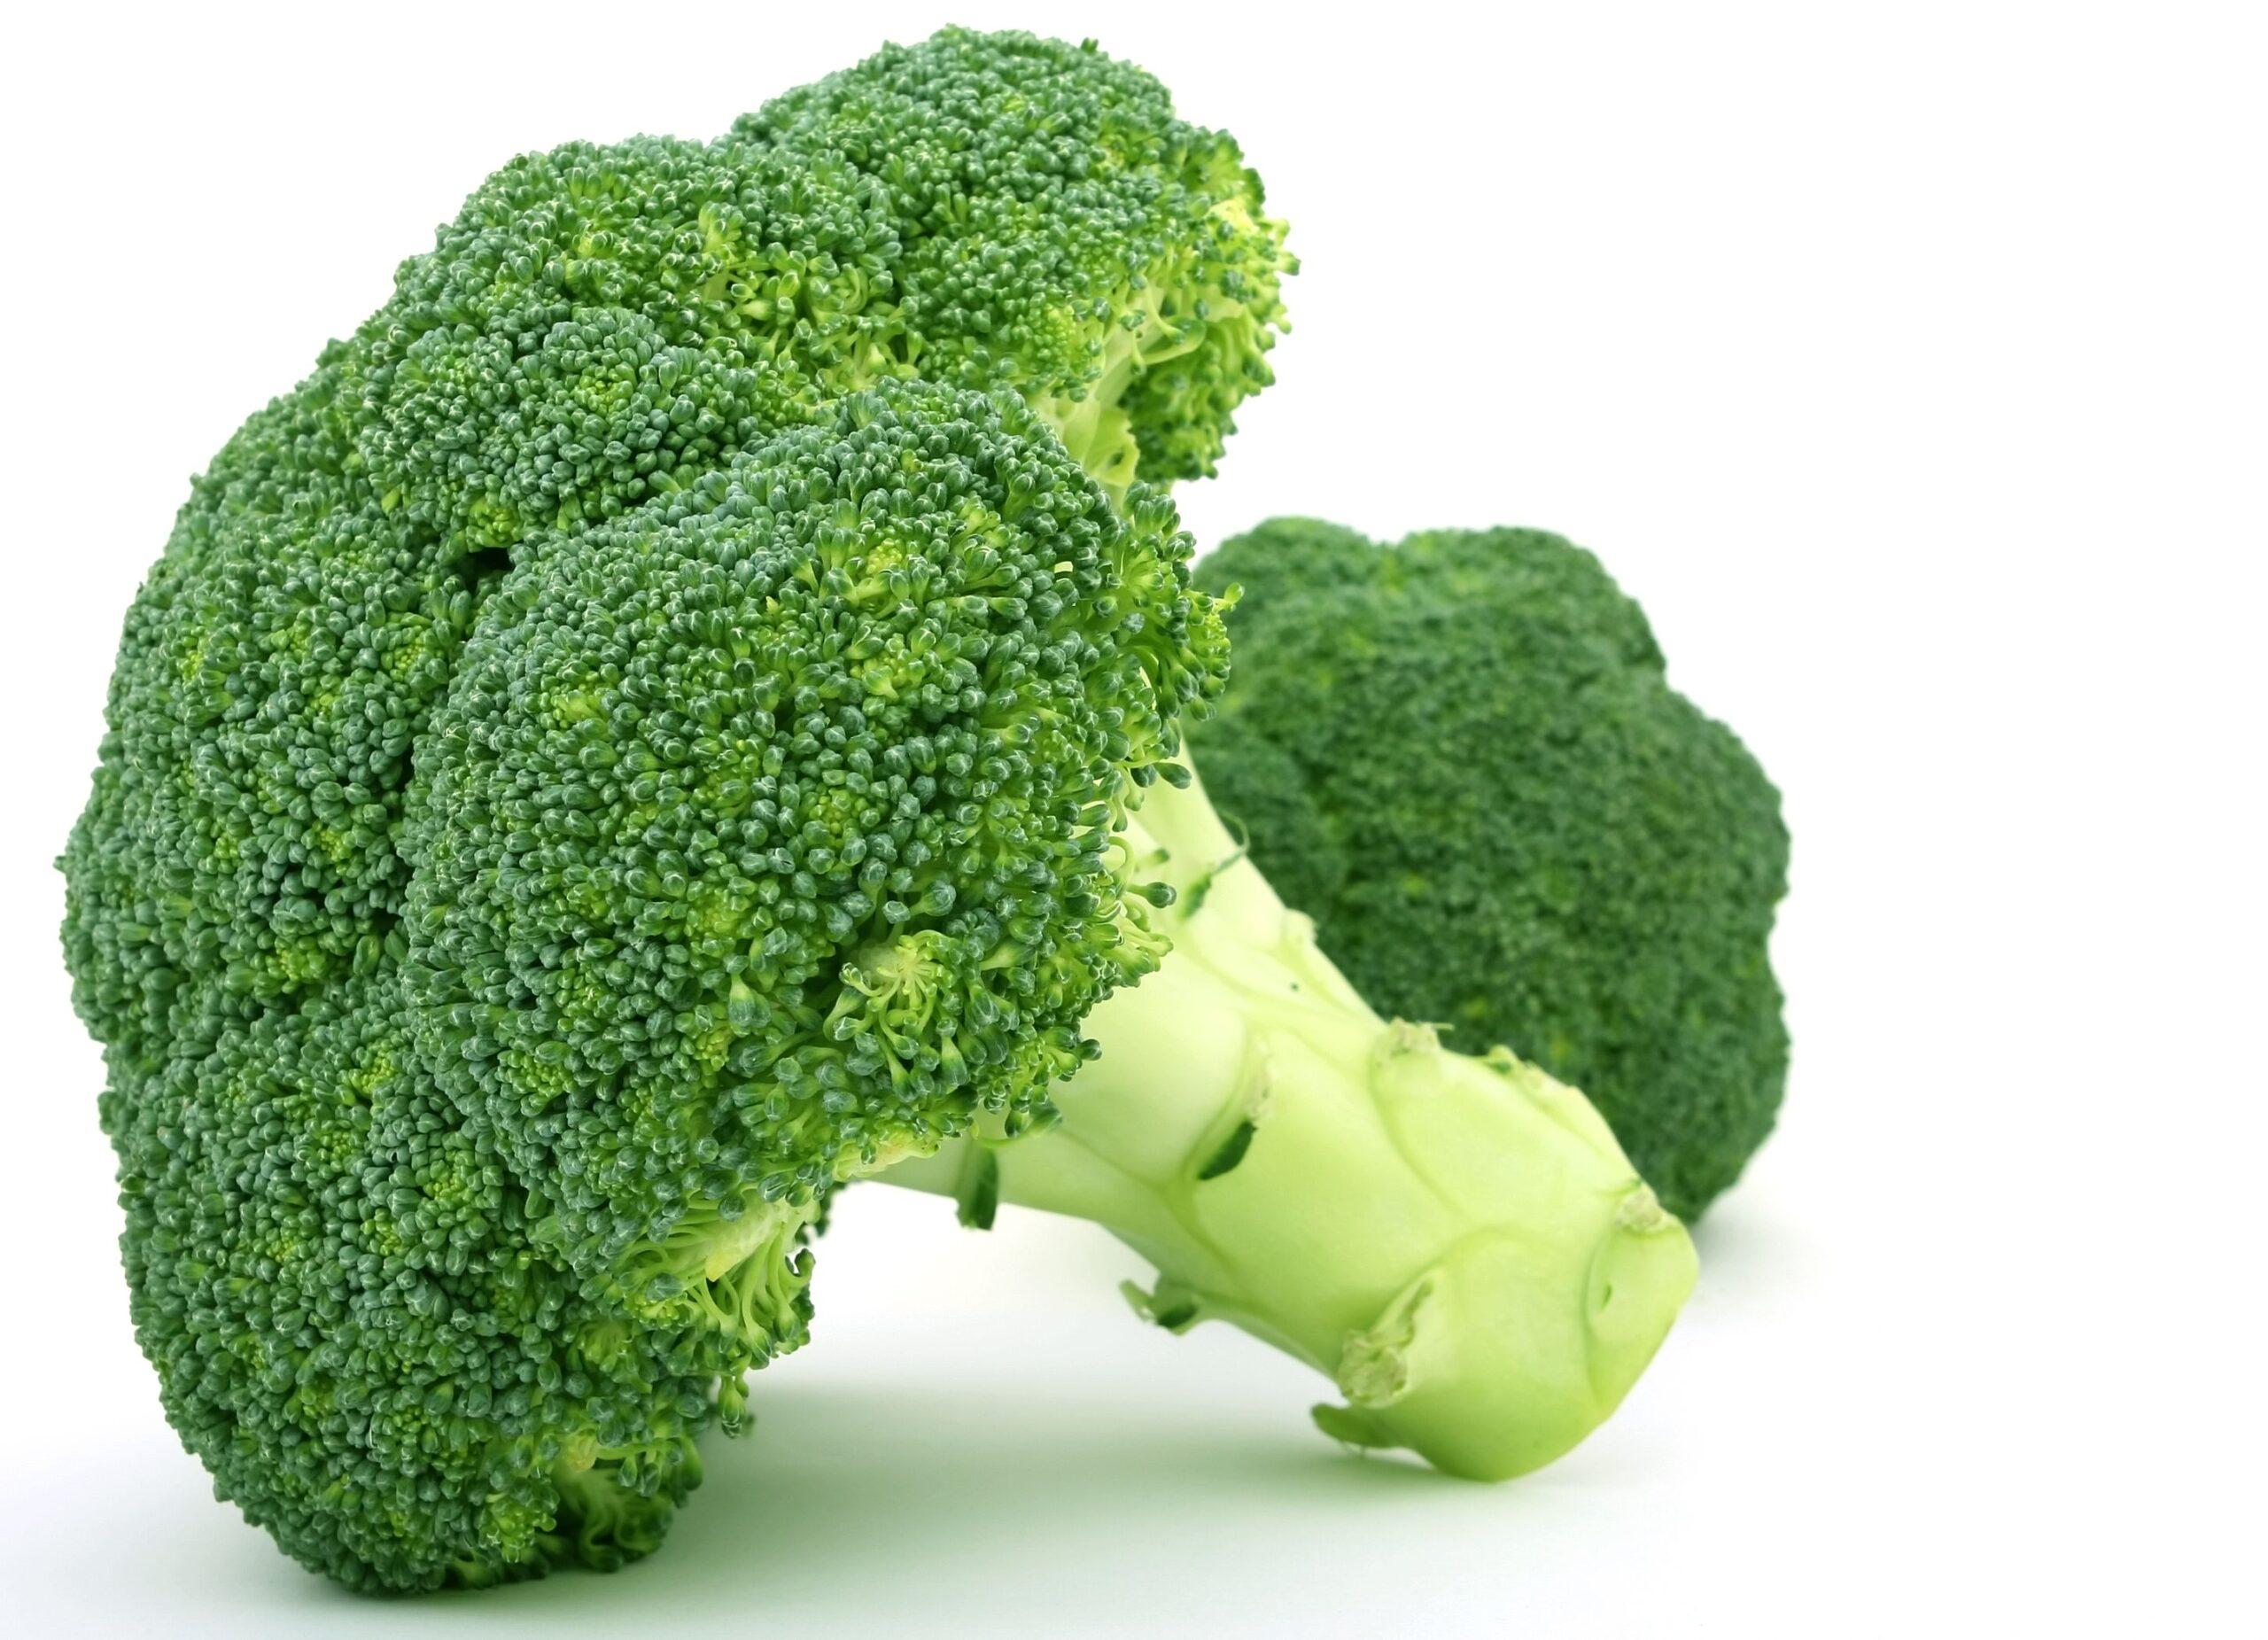 Cibo e salute: cosa contengono i broccoli e come cucinarli